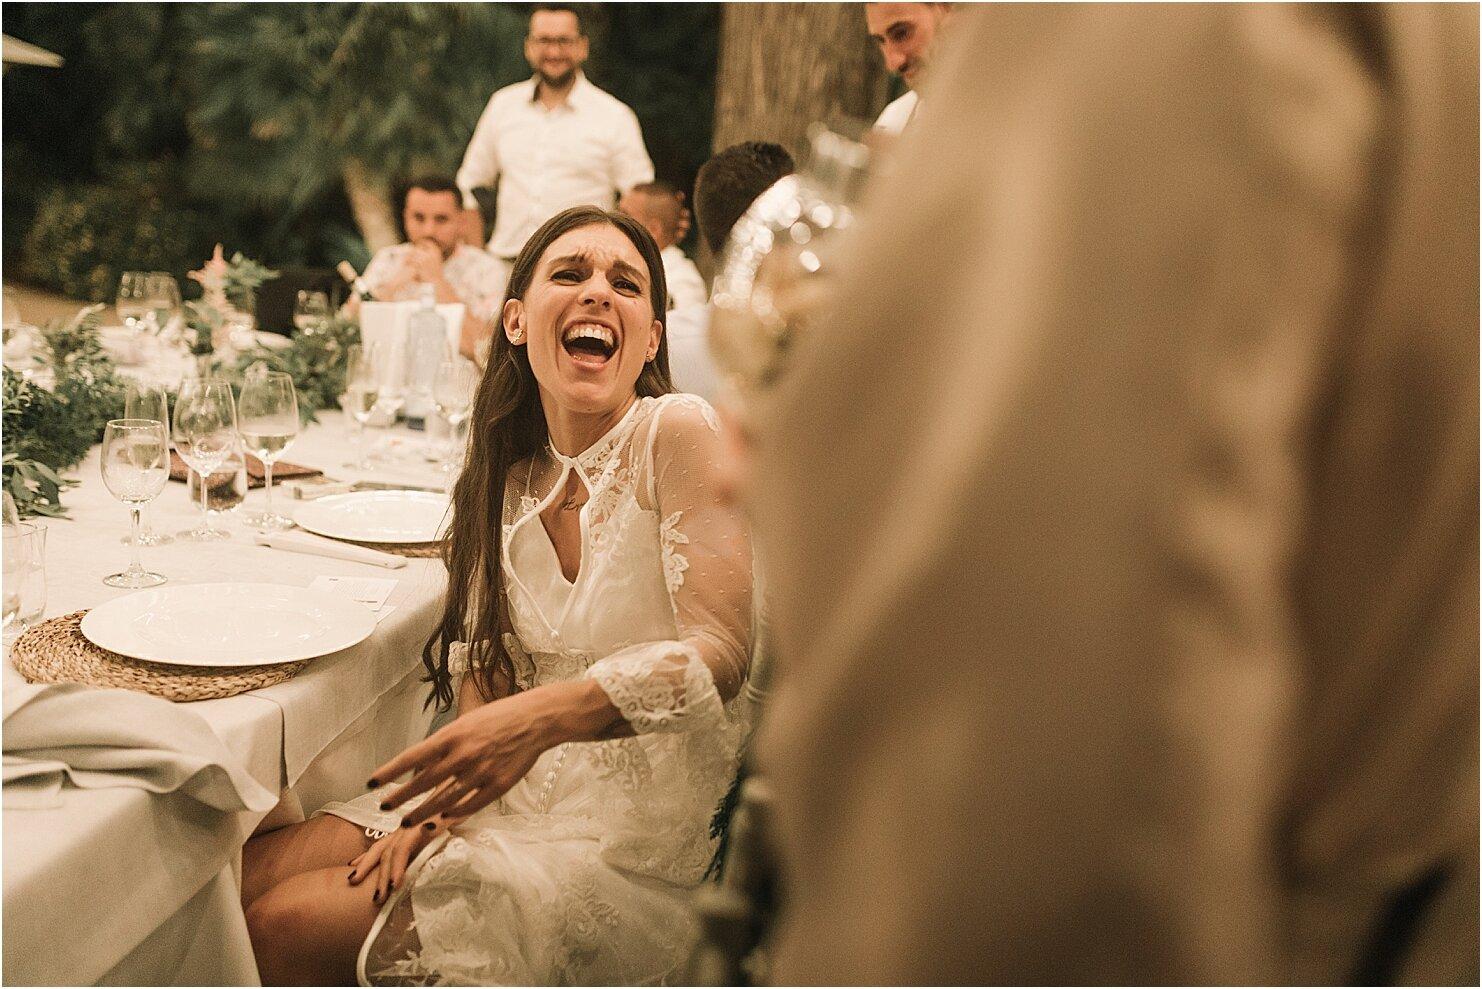 boda-romantica-boda-boho-vestido-de-novia-laura-lomas88.jpg